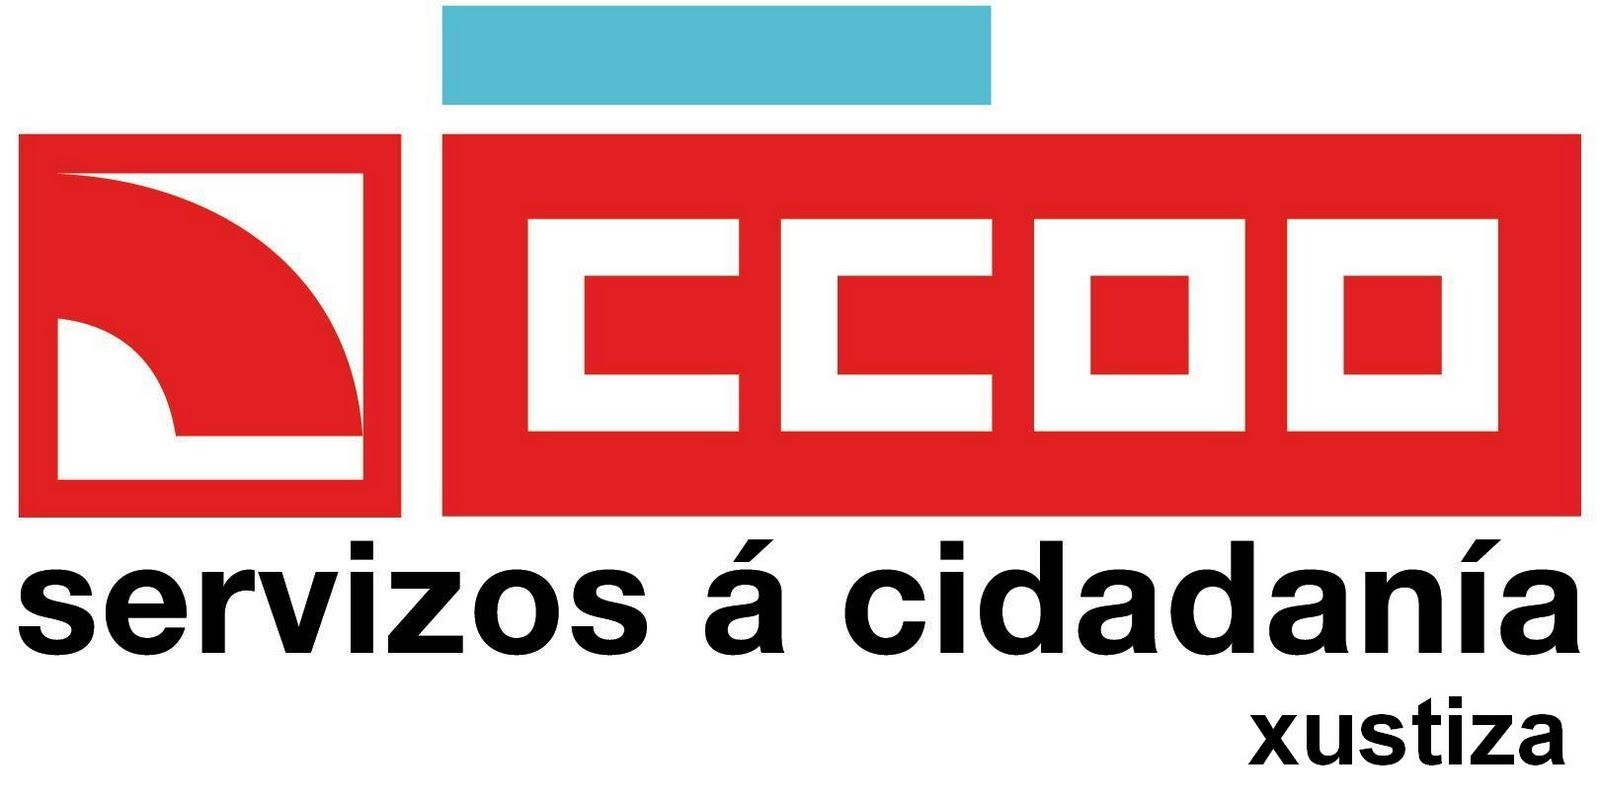 CCOO de Xustiza: febrero 2011